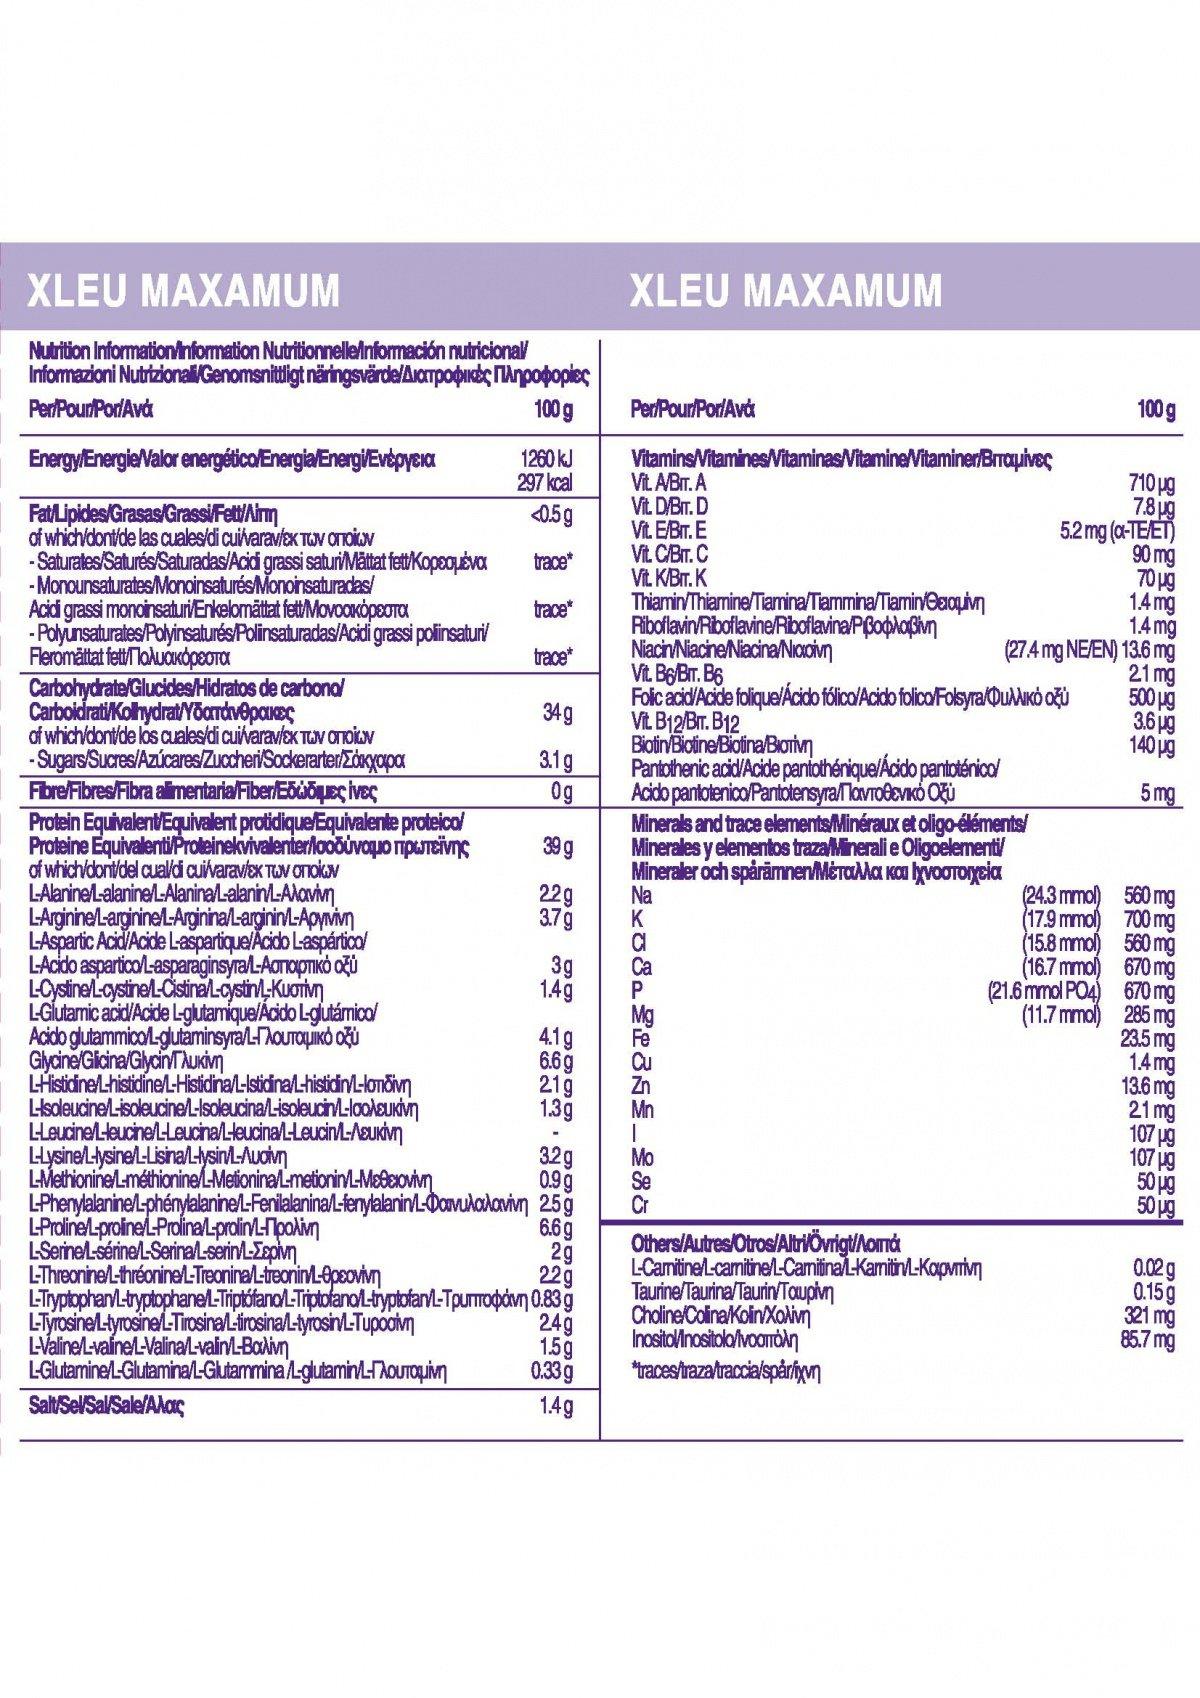 Información de XLeu Maxamum